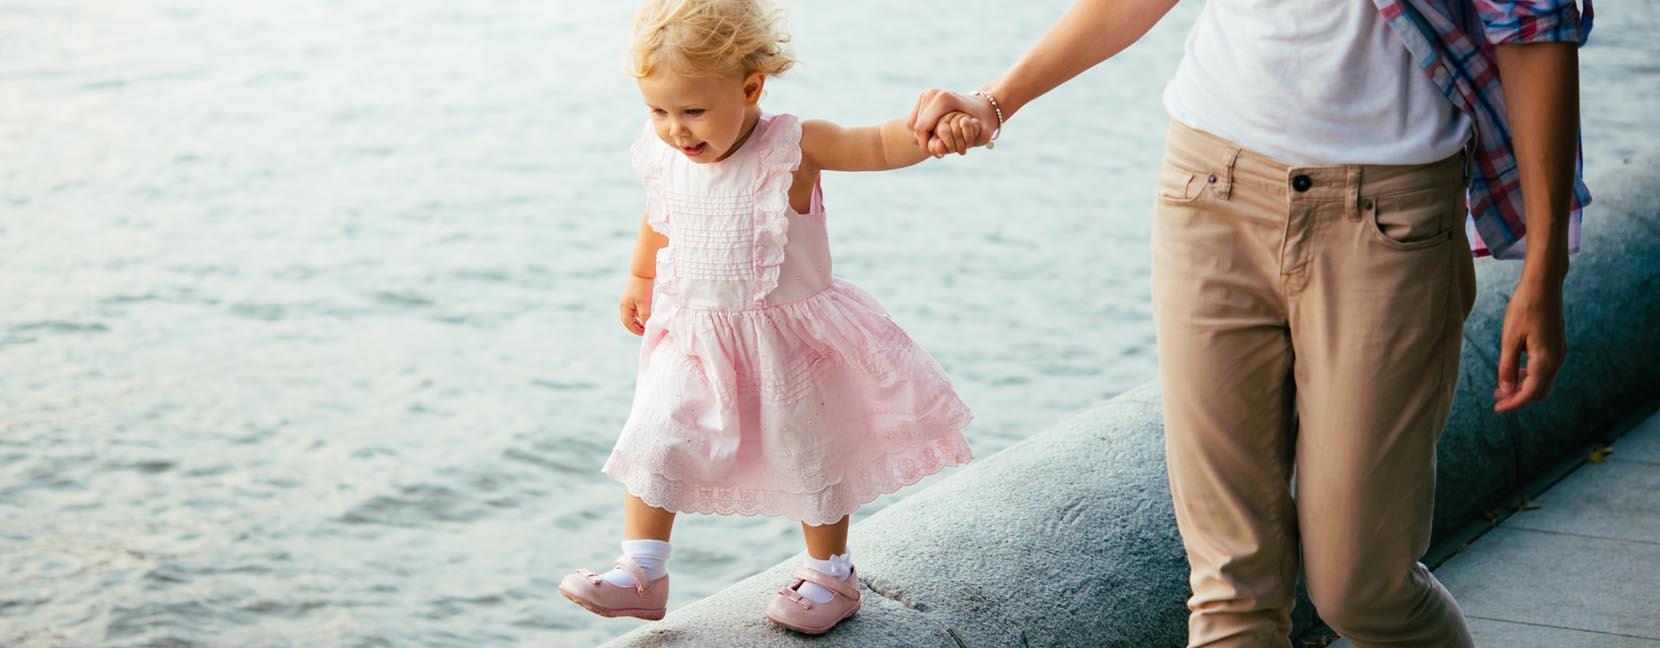 Mamma tiene la mano alla bimba mentre passeggia sul muretto che separa la strada dal mare